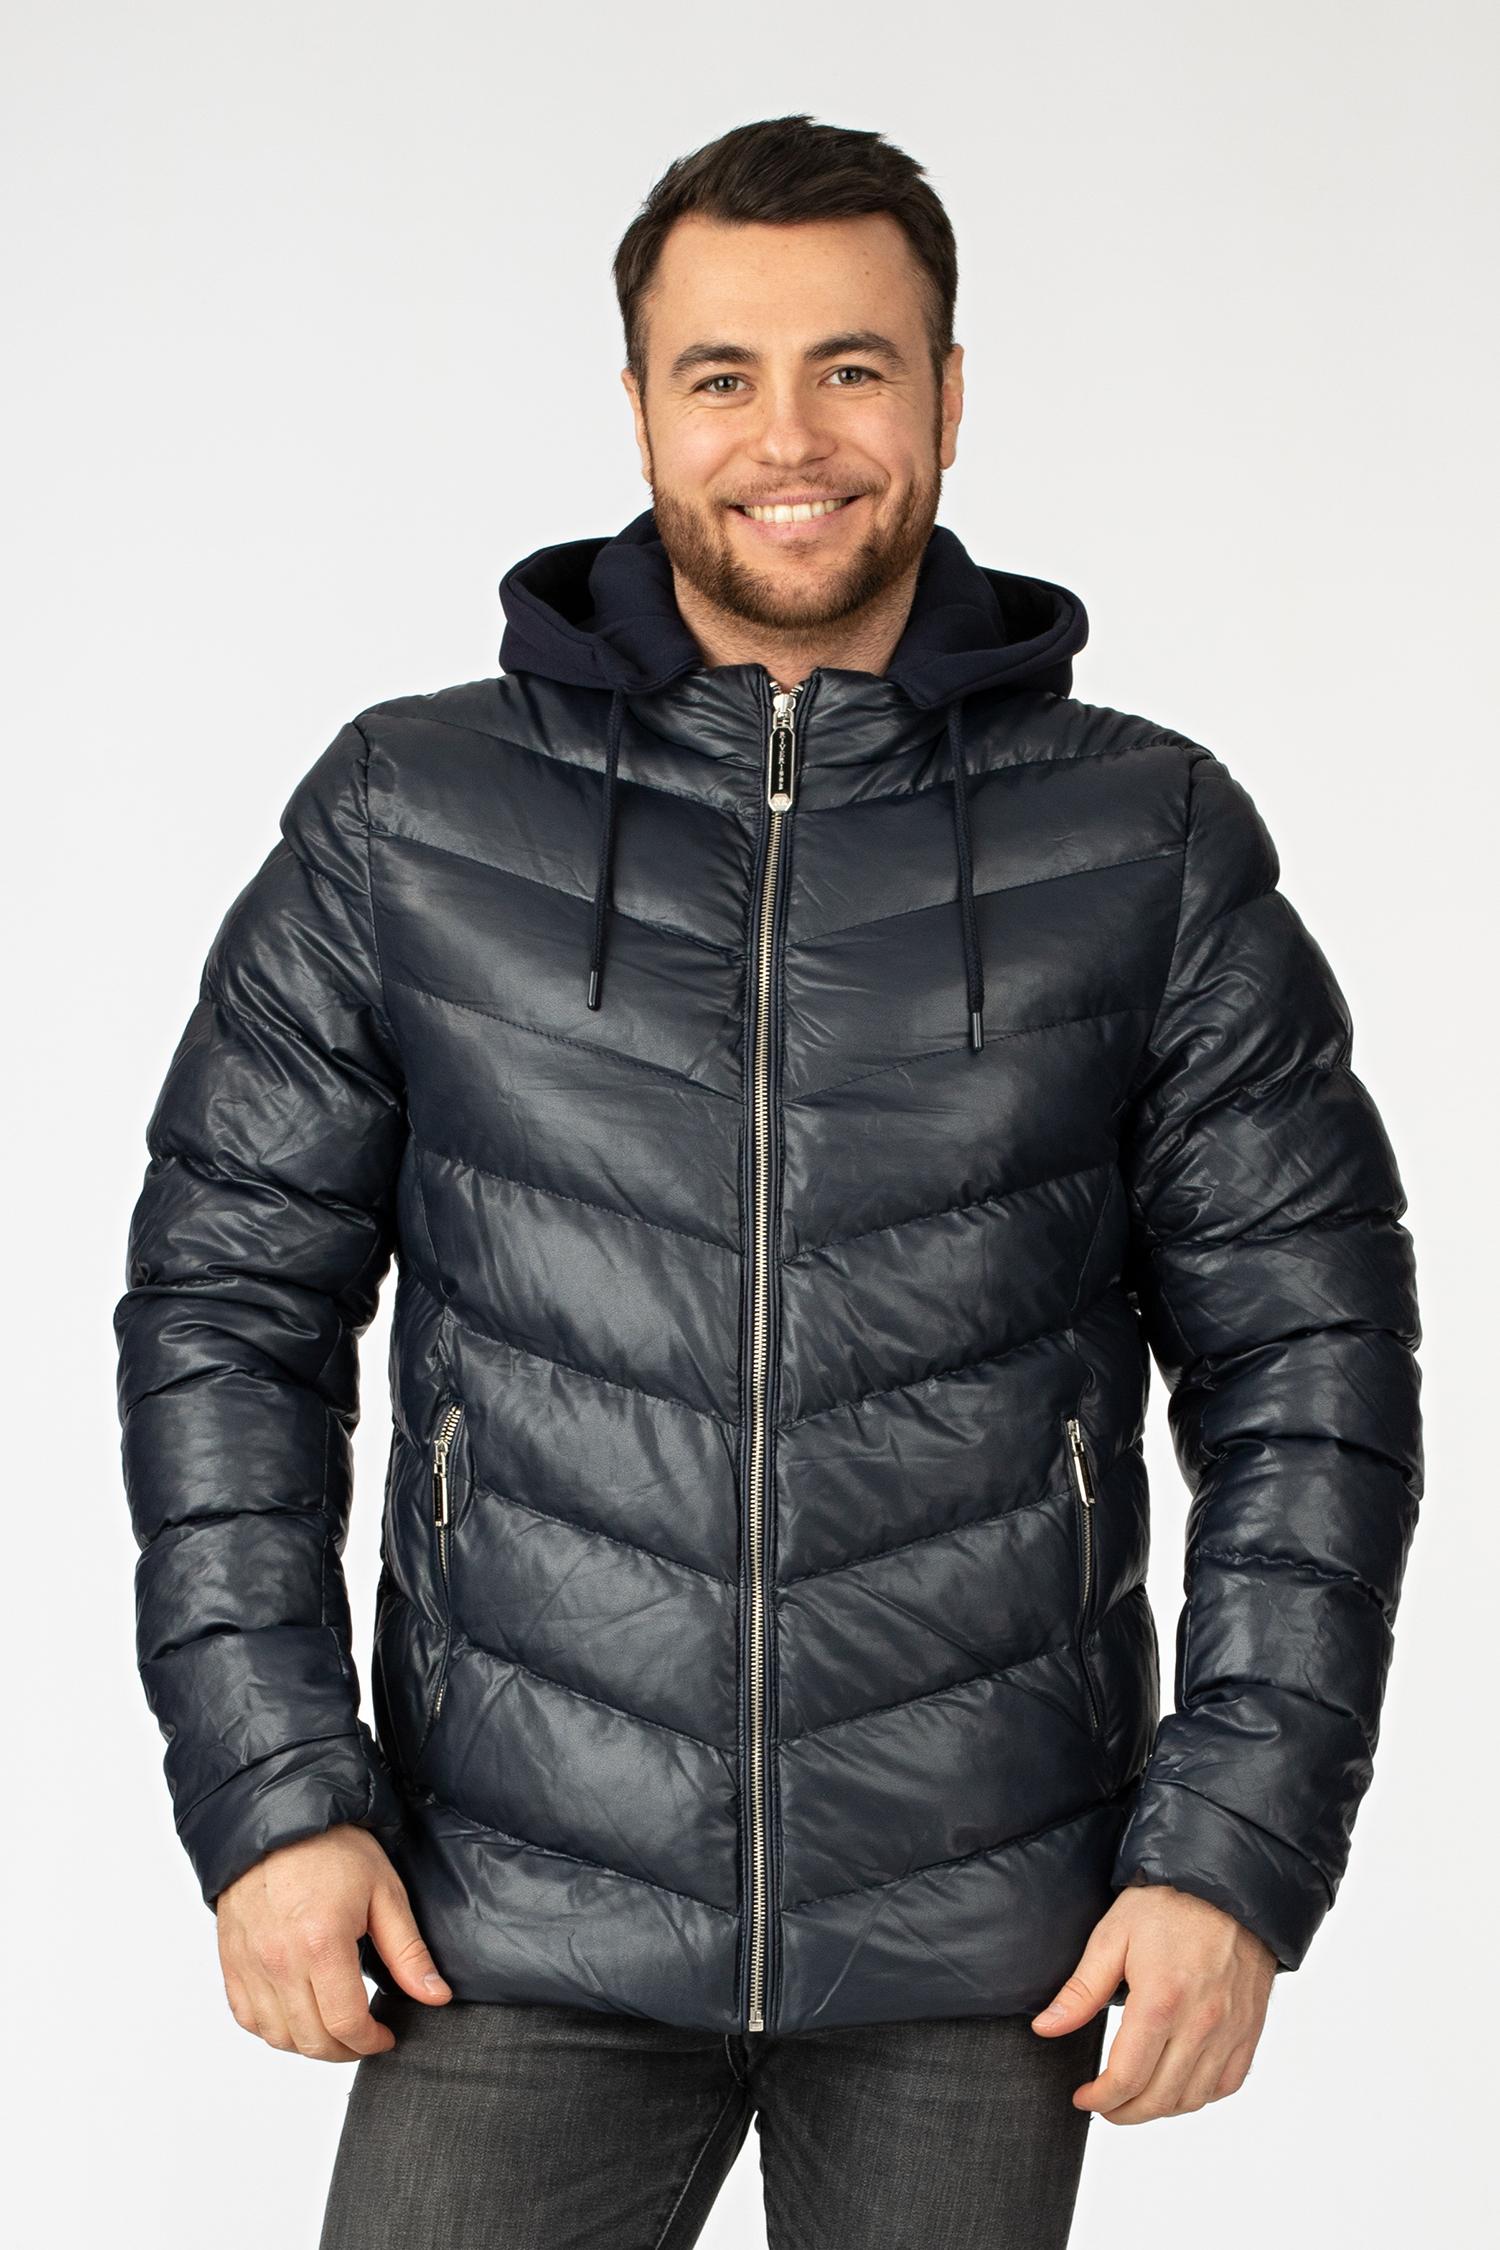 Мужская кожаная куртка из эко-кожи с капюшоном, без отделки МОСМЕХА